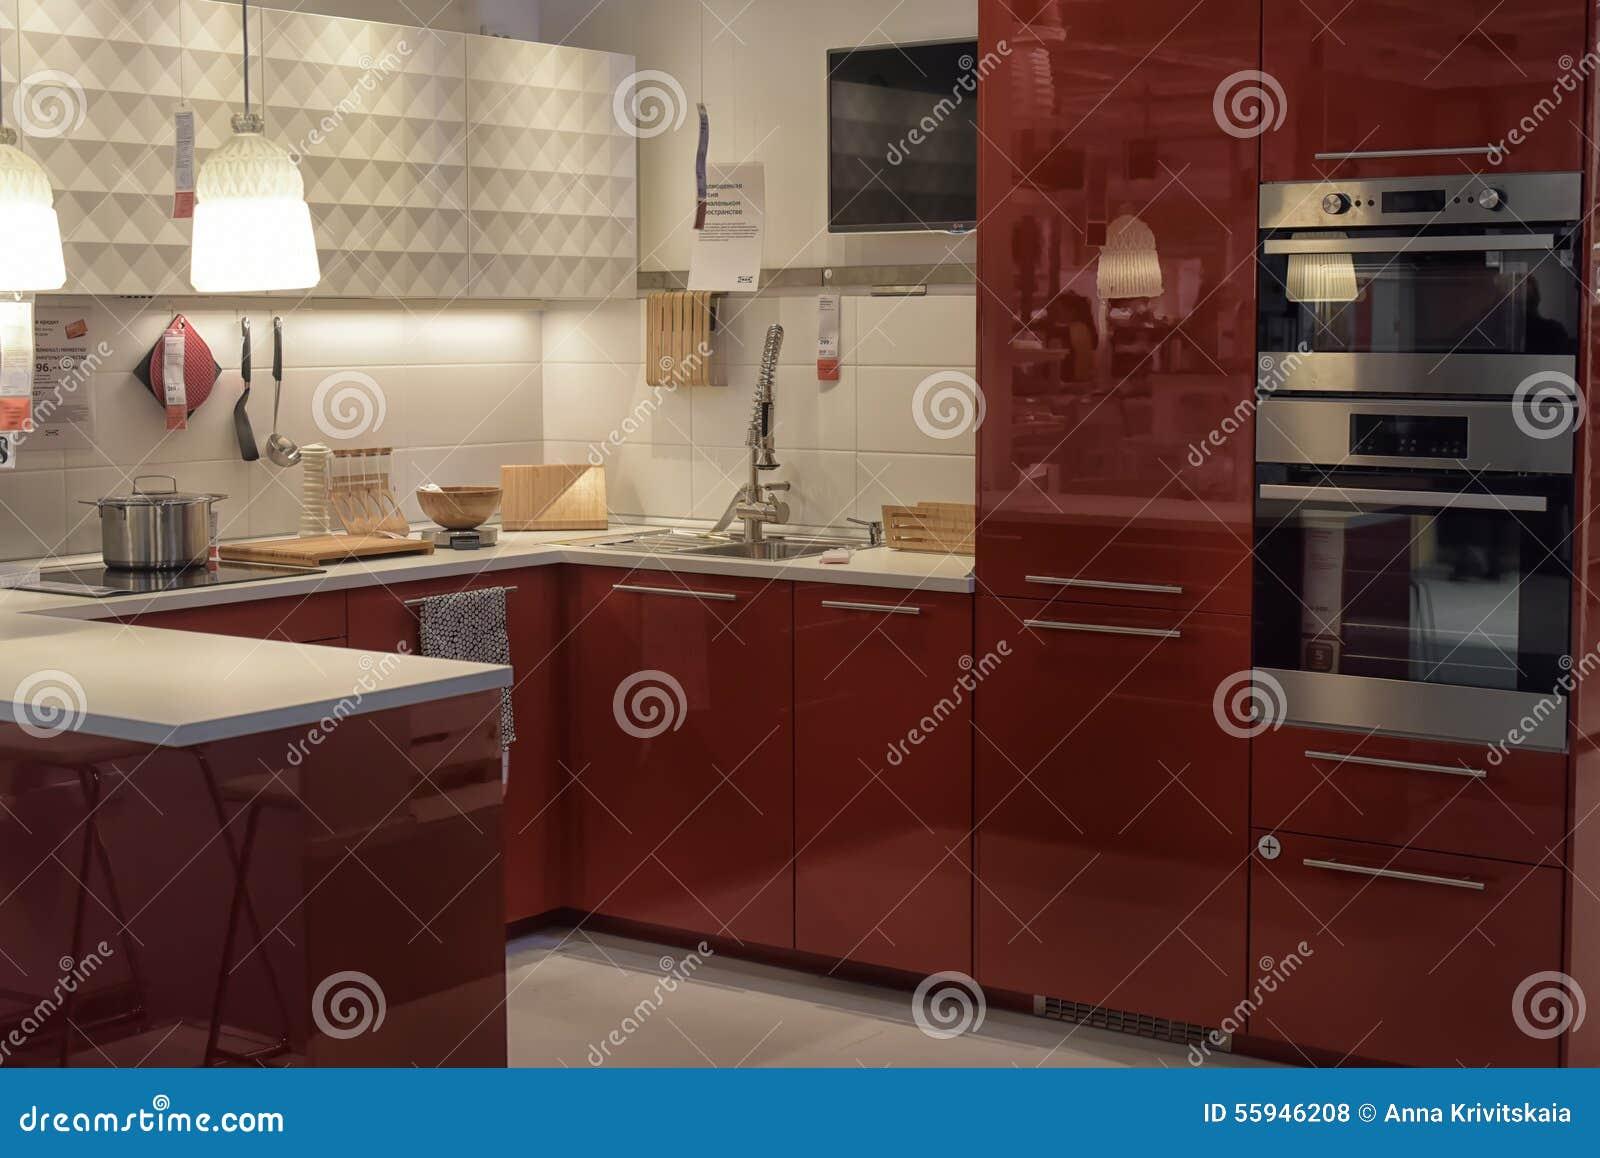 Cocina En La Tienda De Muebles Ikea Foto De Archivo Editorial  # Muebles Pompeya